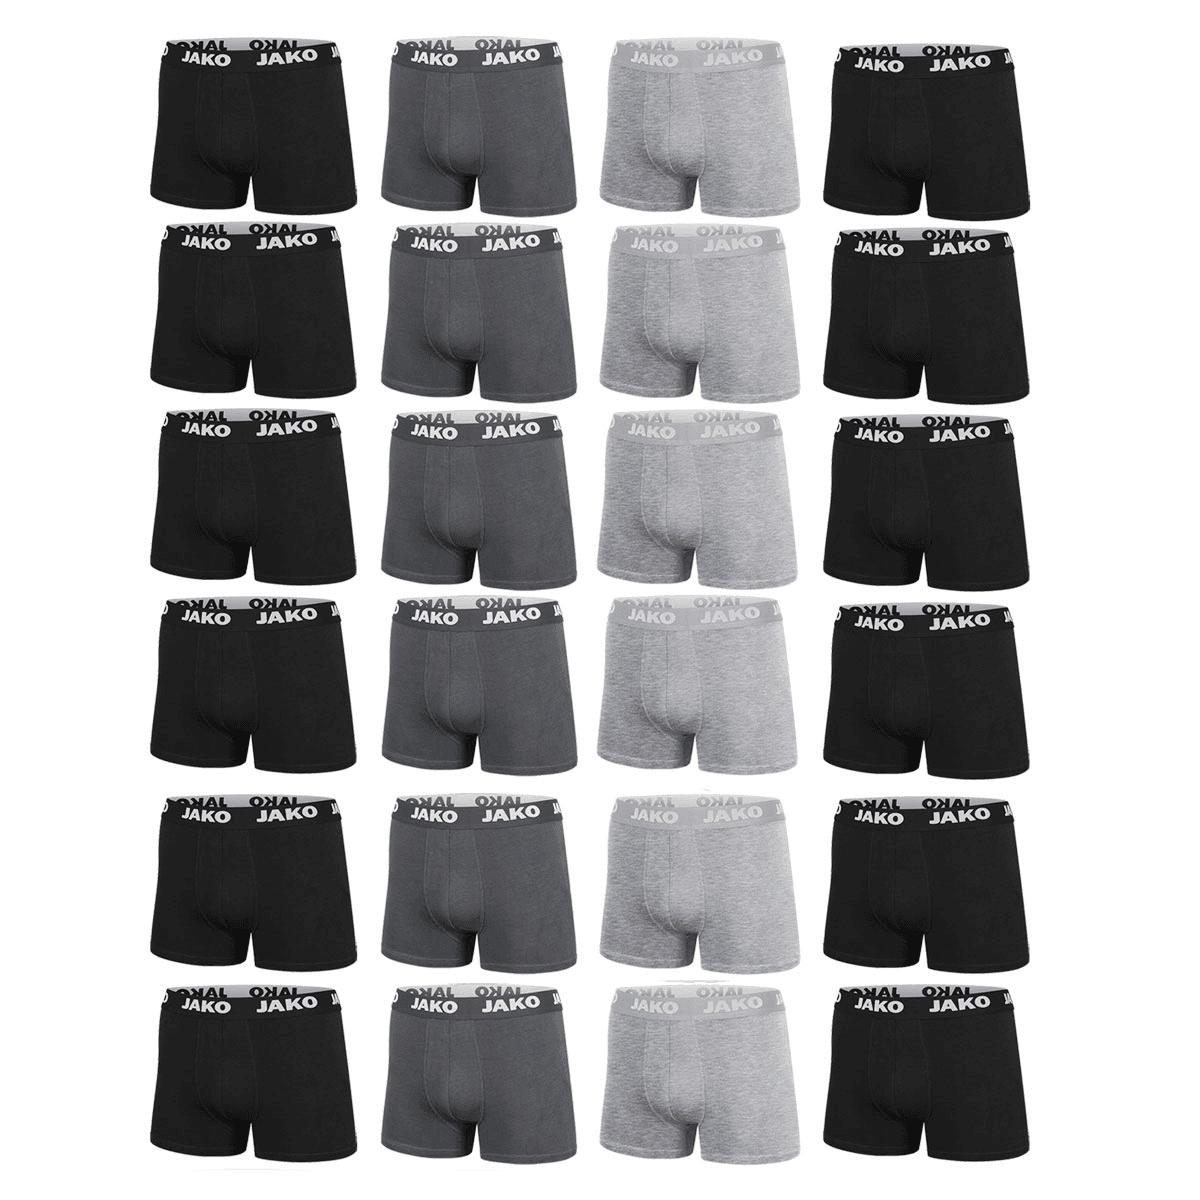 Jako Boxershorts Basic 24er Pack - S-XXL - Farben kombinierbar - weitere Spar-Packs verfügbar